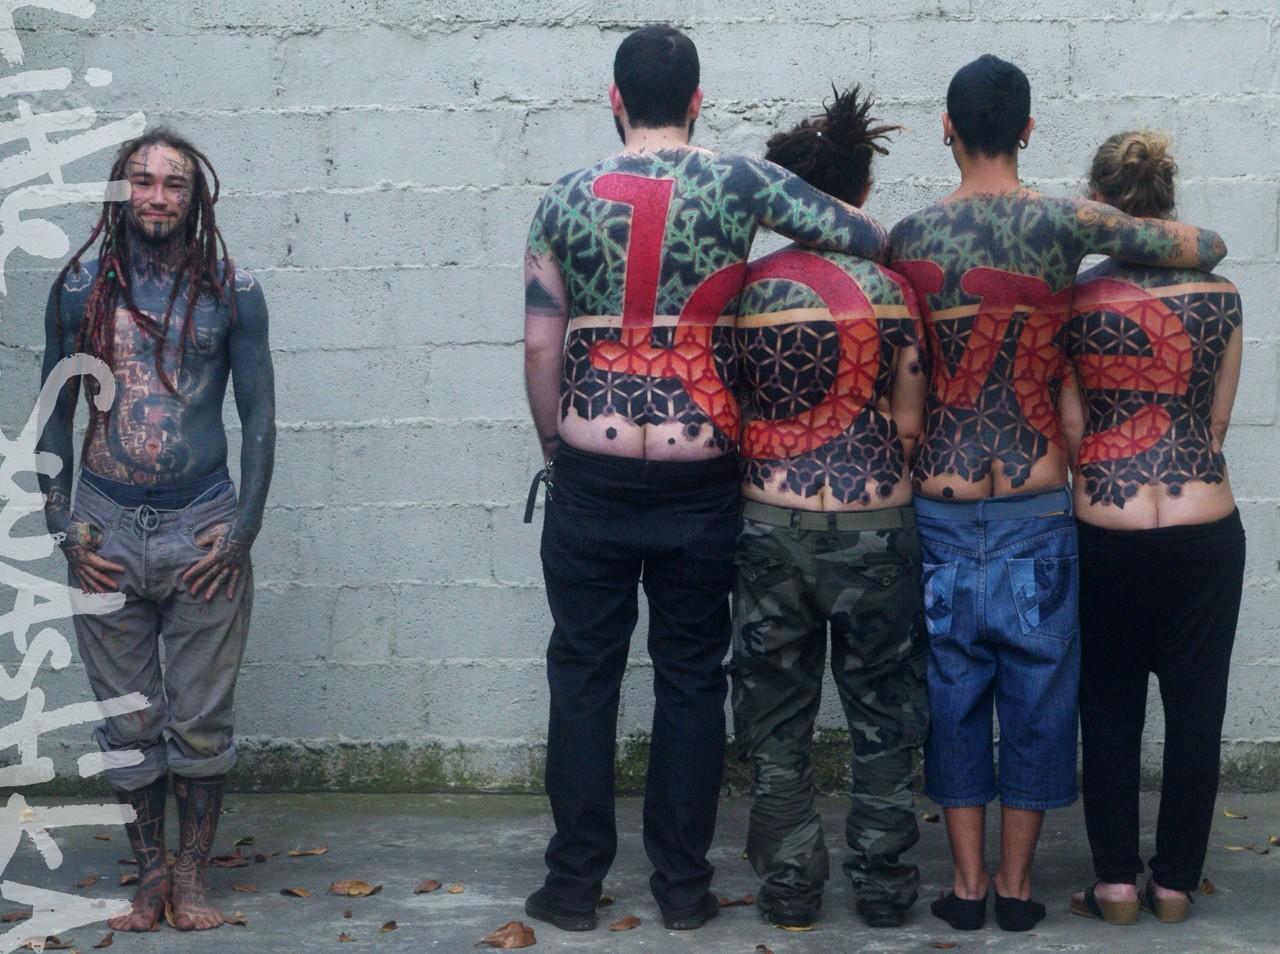 Little Swastika, Lily Lu, групповые татуировки, масштабные татуировки, большие татуировки, концептуальная татуировка